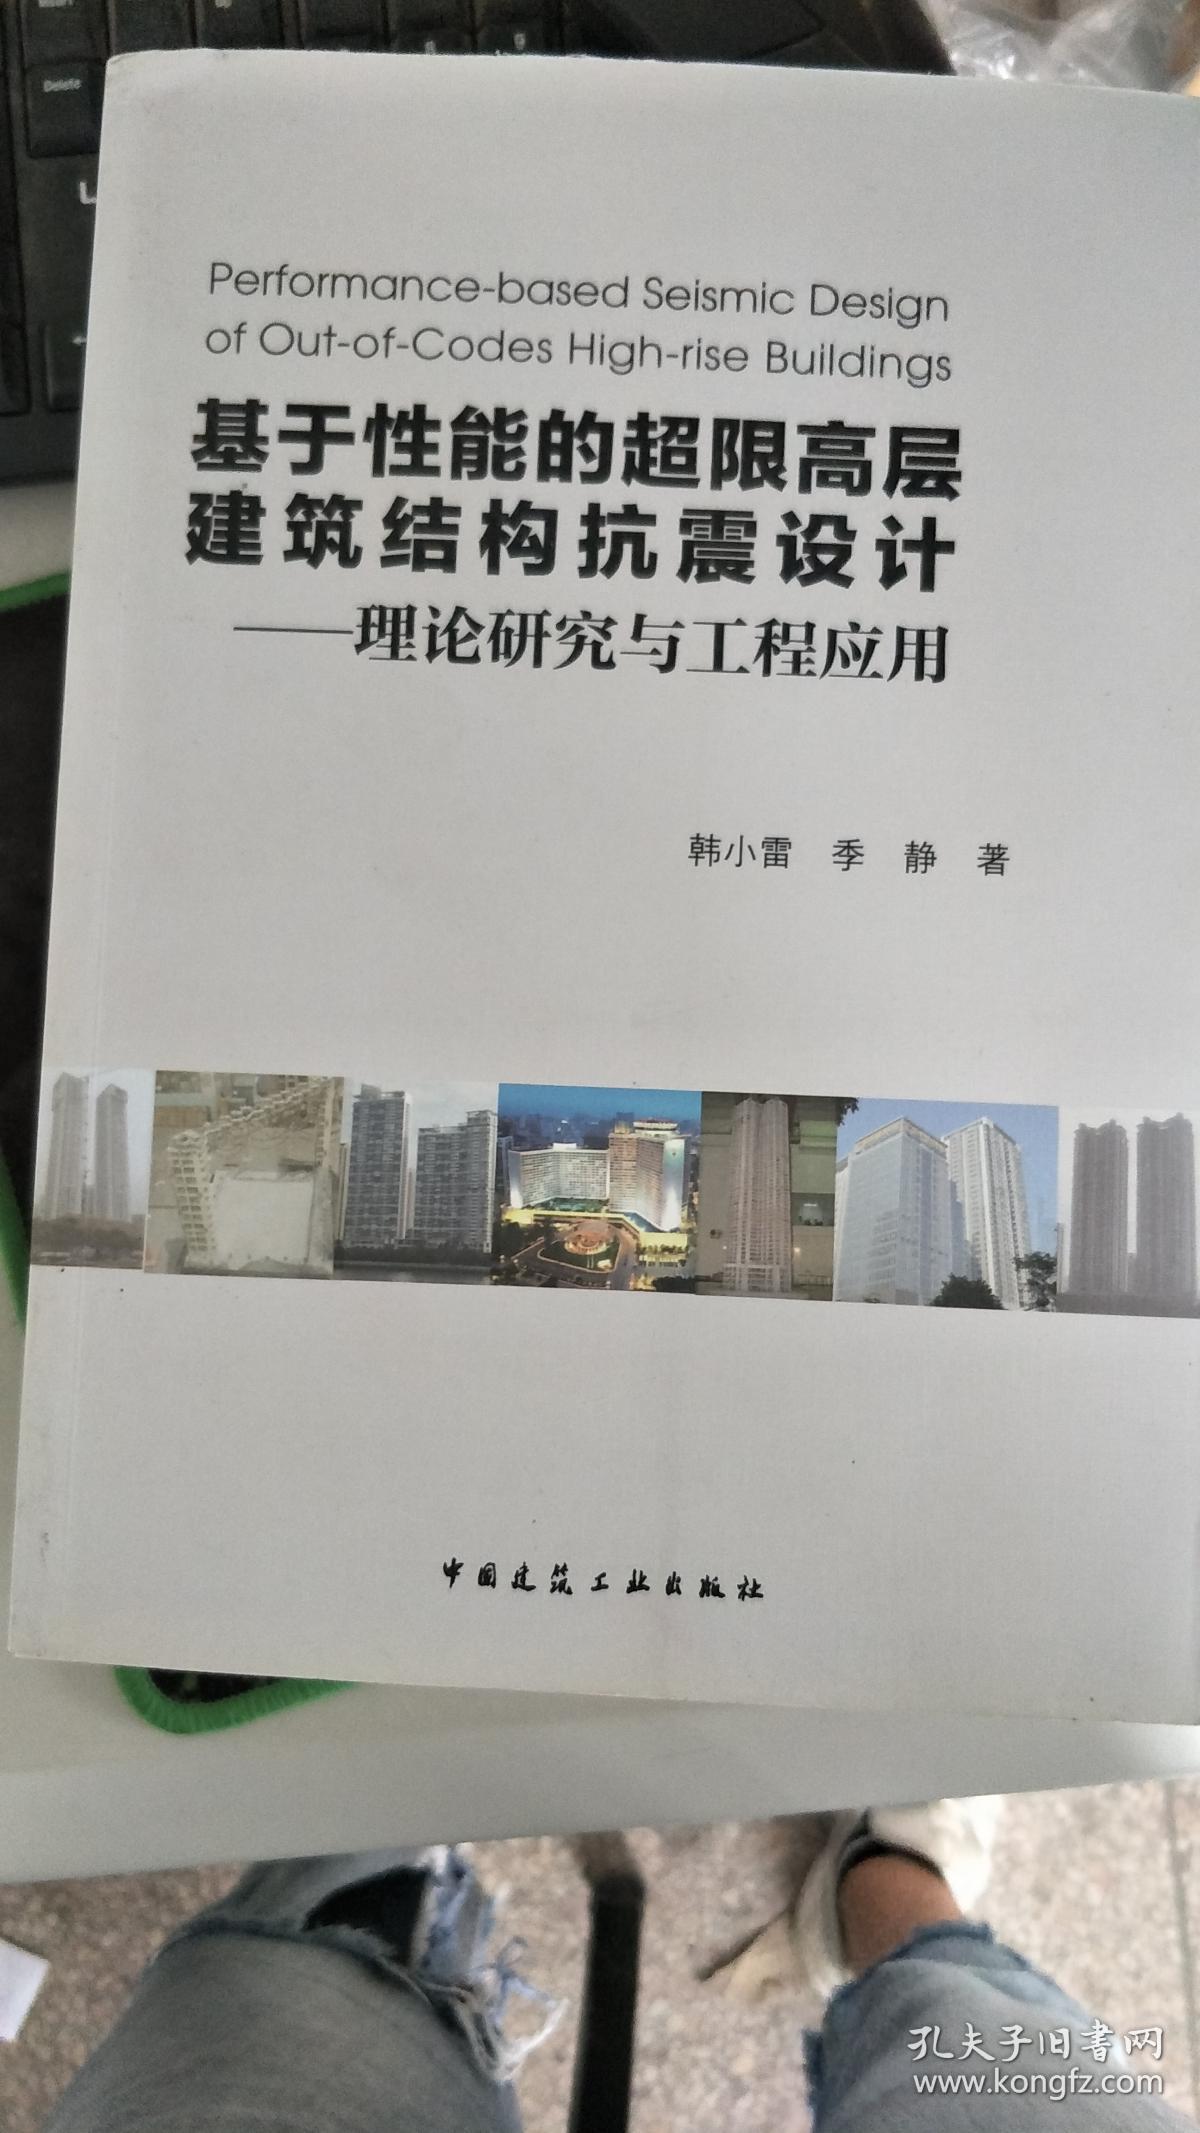 【旧书二手书】基于性能的超限高层建筑结构抗震设计图片